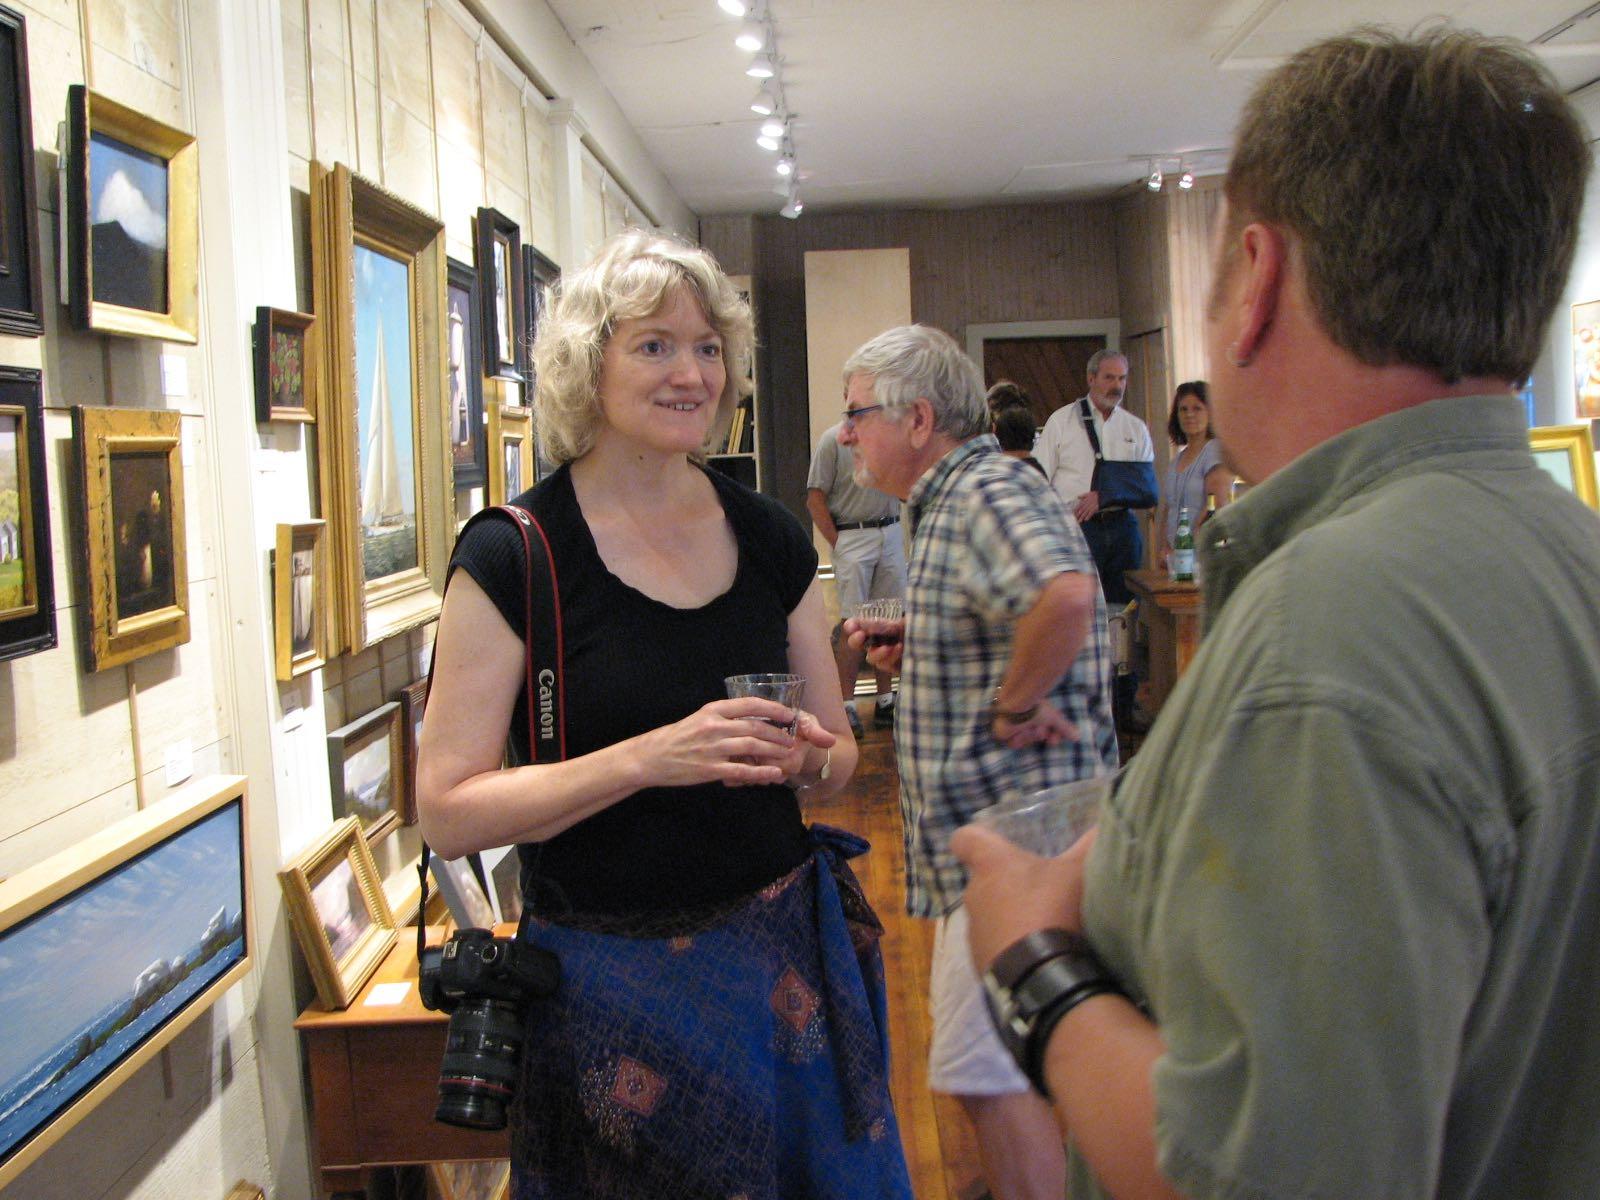 Sylvan Gallery